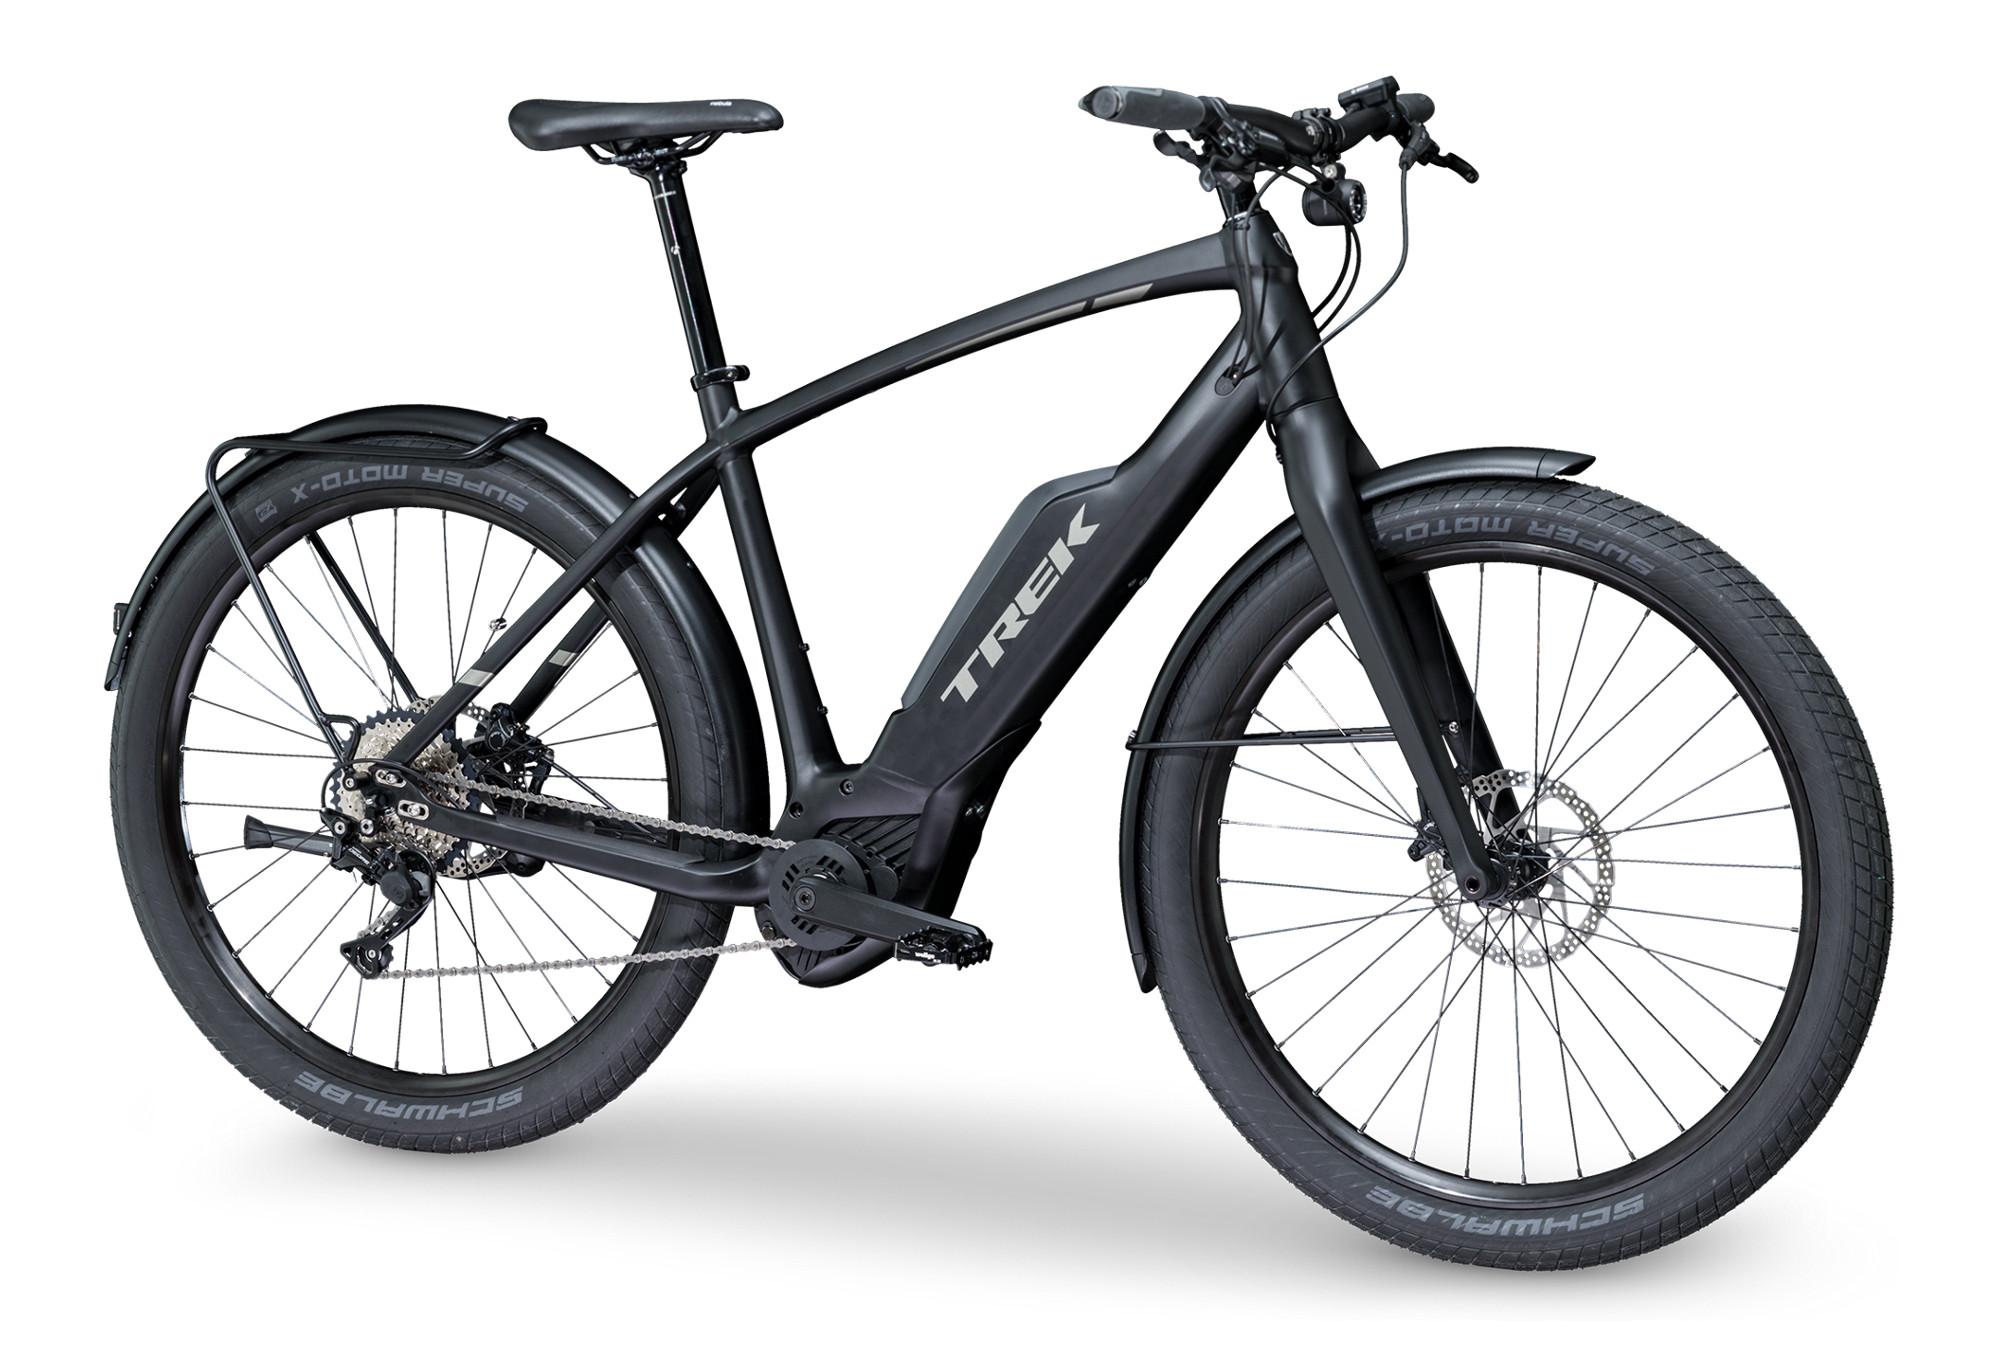 trek super commuter 7 hybrid urban bike shimano deore 10s. Black Bedroom Furniture Sets. Home Design Ideas